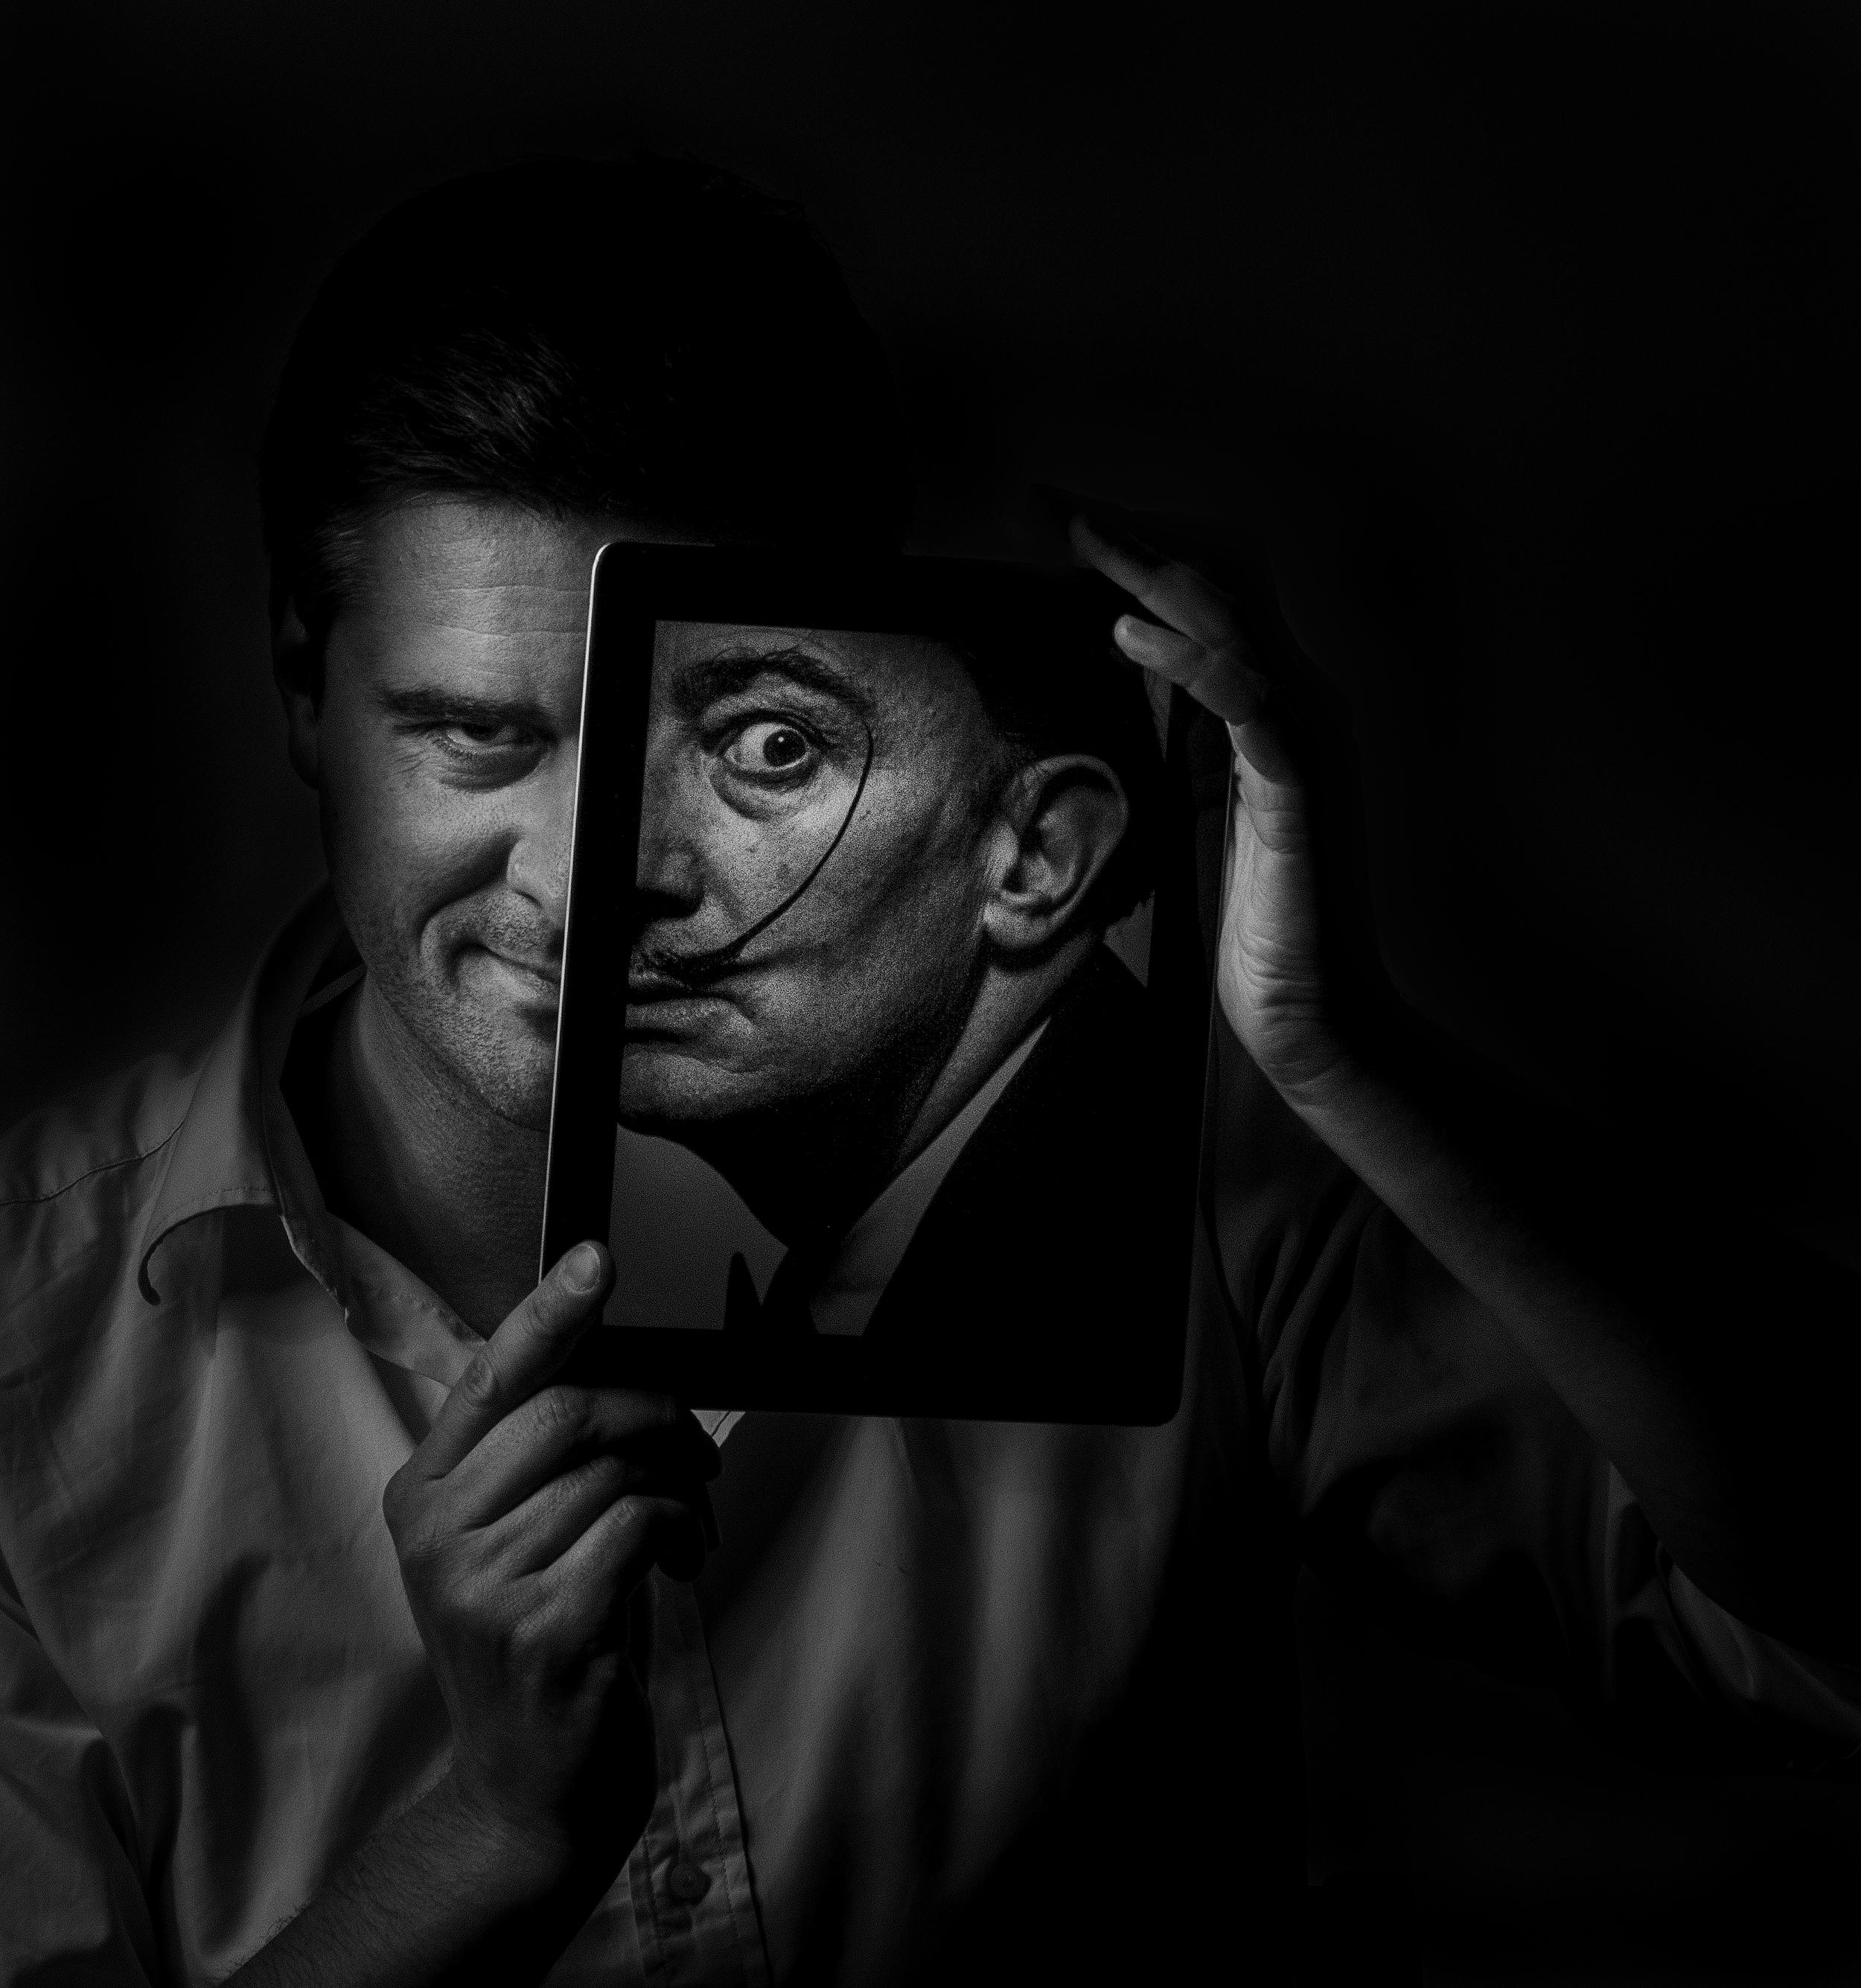 © Patrice Michellon | Self-Portrait . Exif: ISO 200, f/11, 1/180s